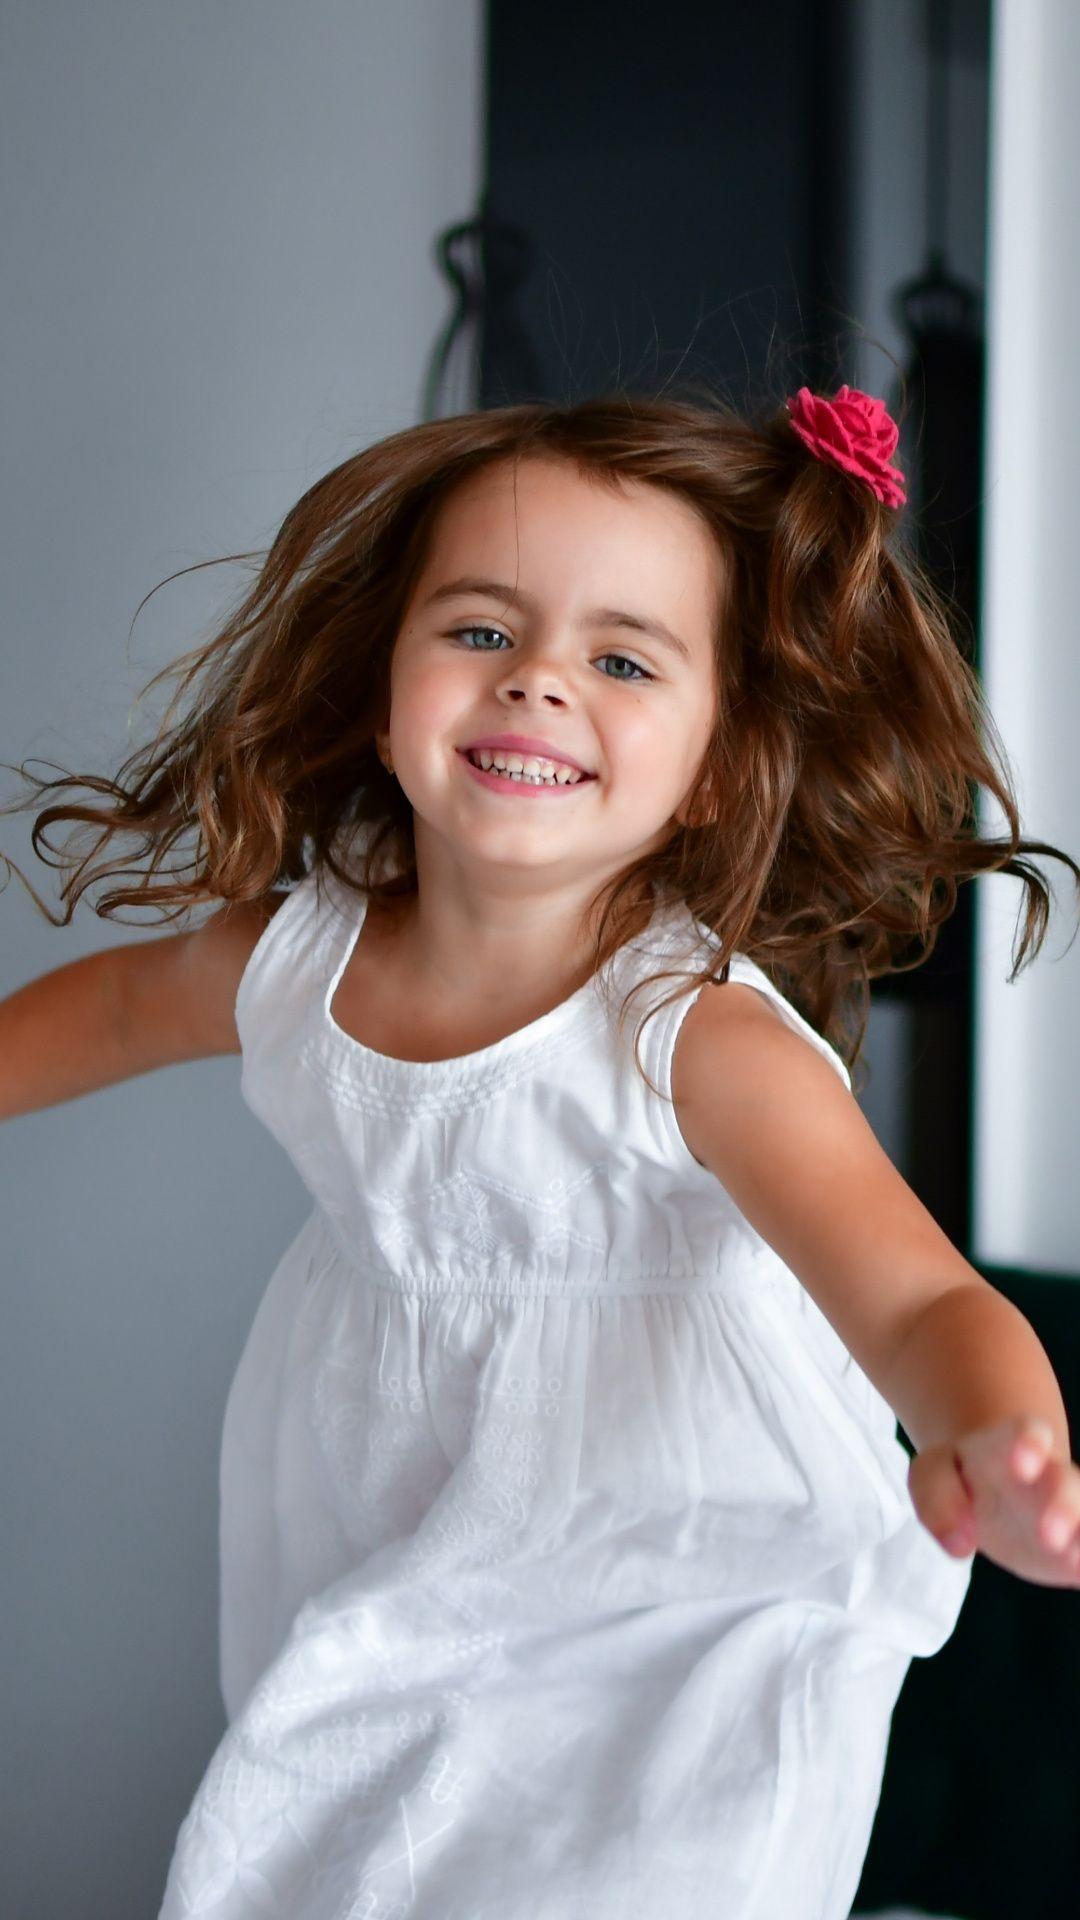 Cute Kid Girl Jump Mood 1080x1920 Wallpaper Free Hd Wallpapers Flower Girl Dresses Girl Wallpaper